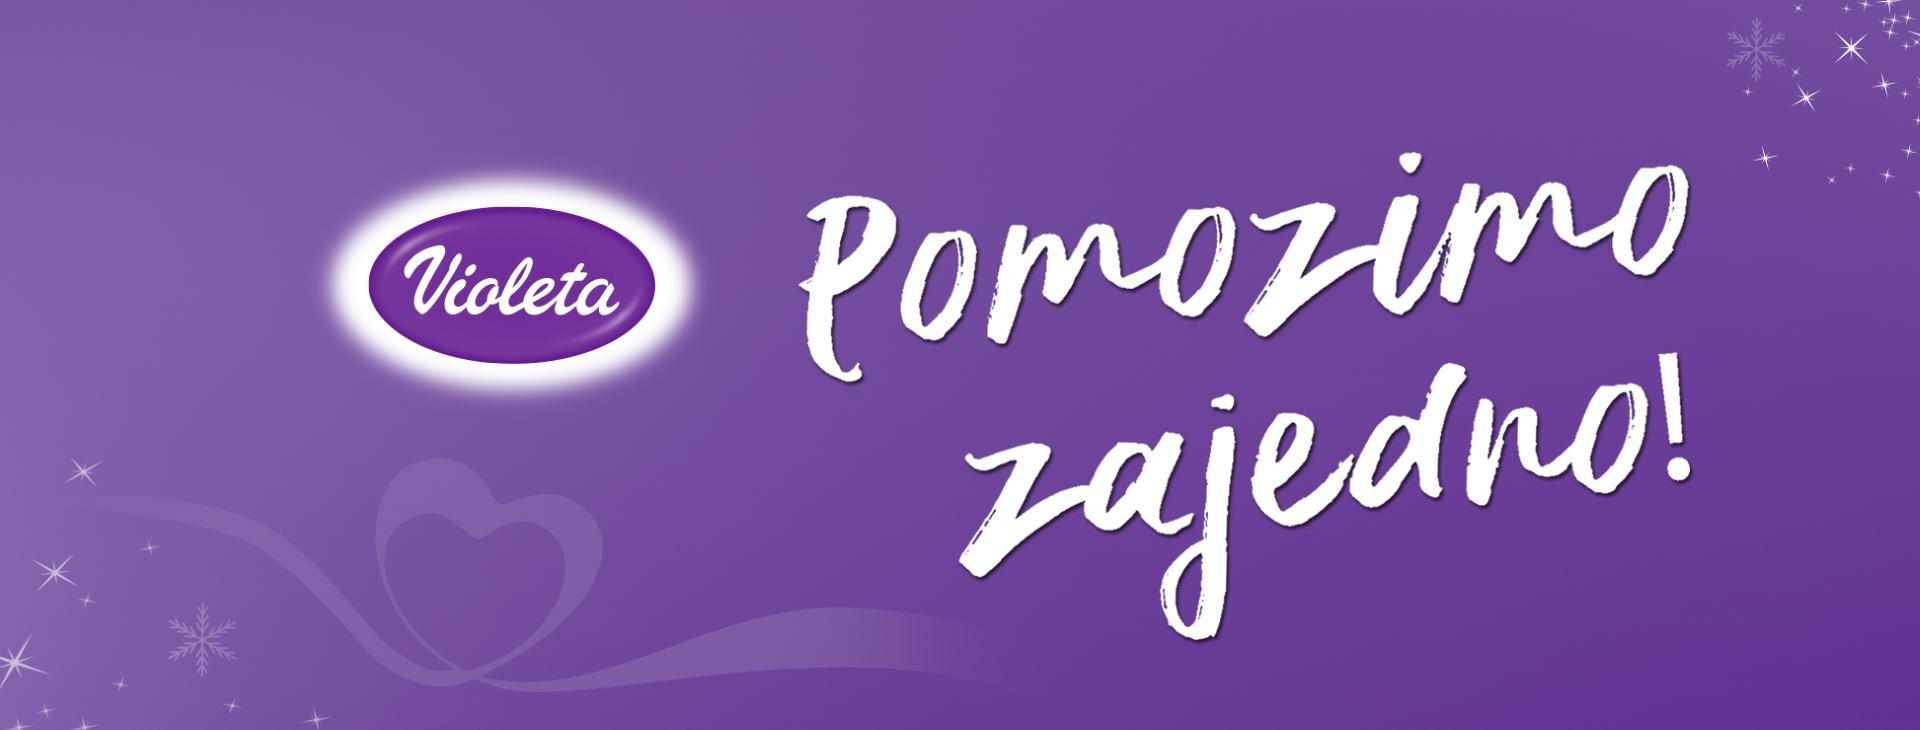 Tvrtka Violeta d.o.o. završava humanitarnu kampanju 'Pomozimo zajedno'